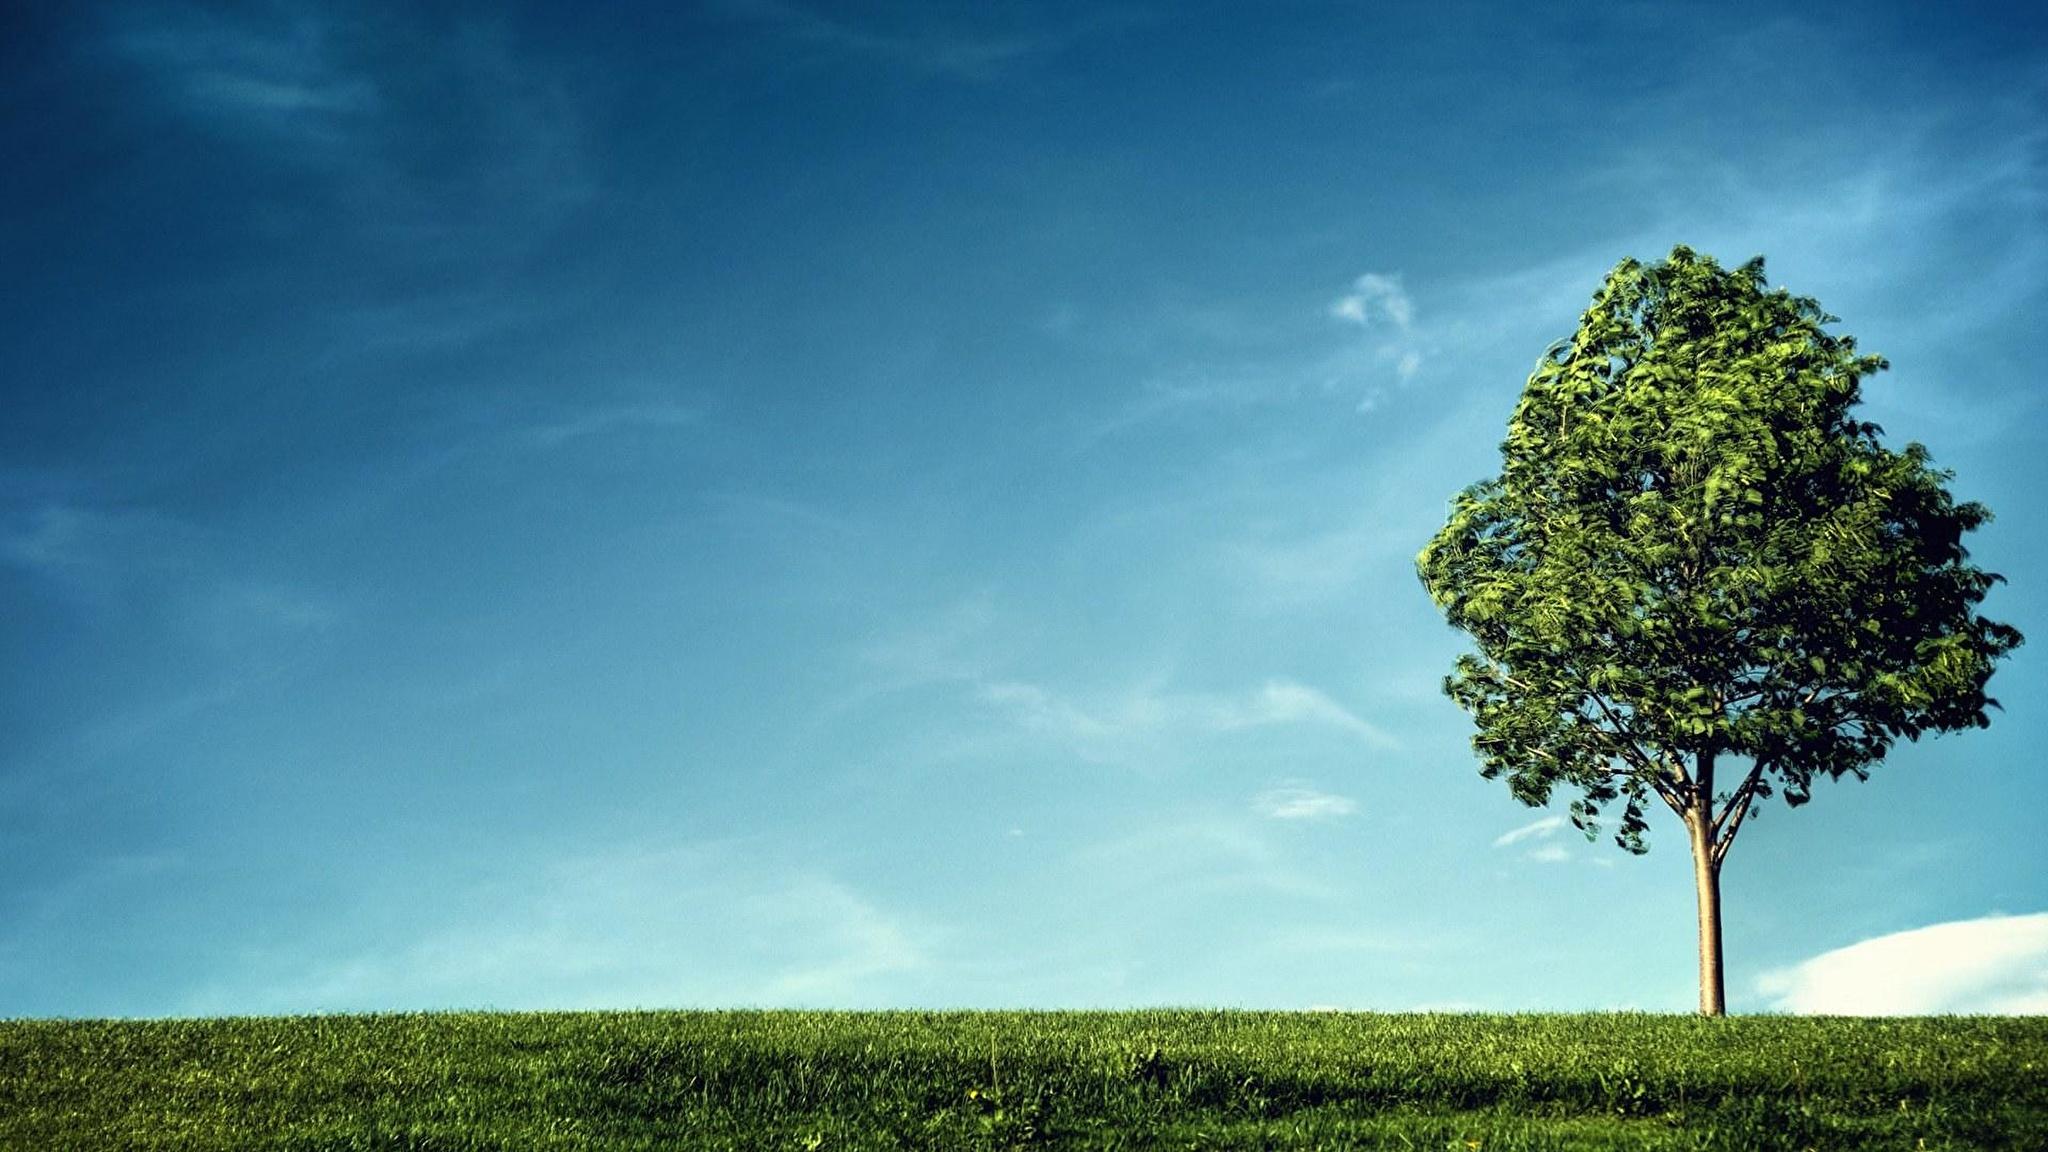 трава, небо, раскидистое дерево подборки